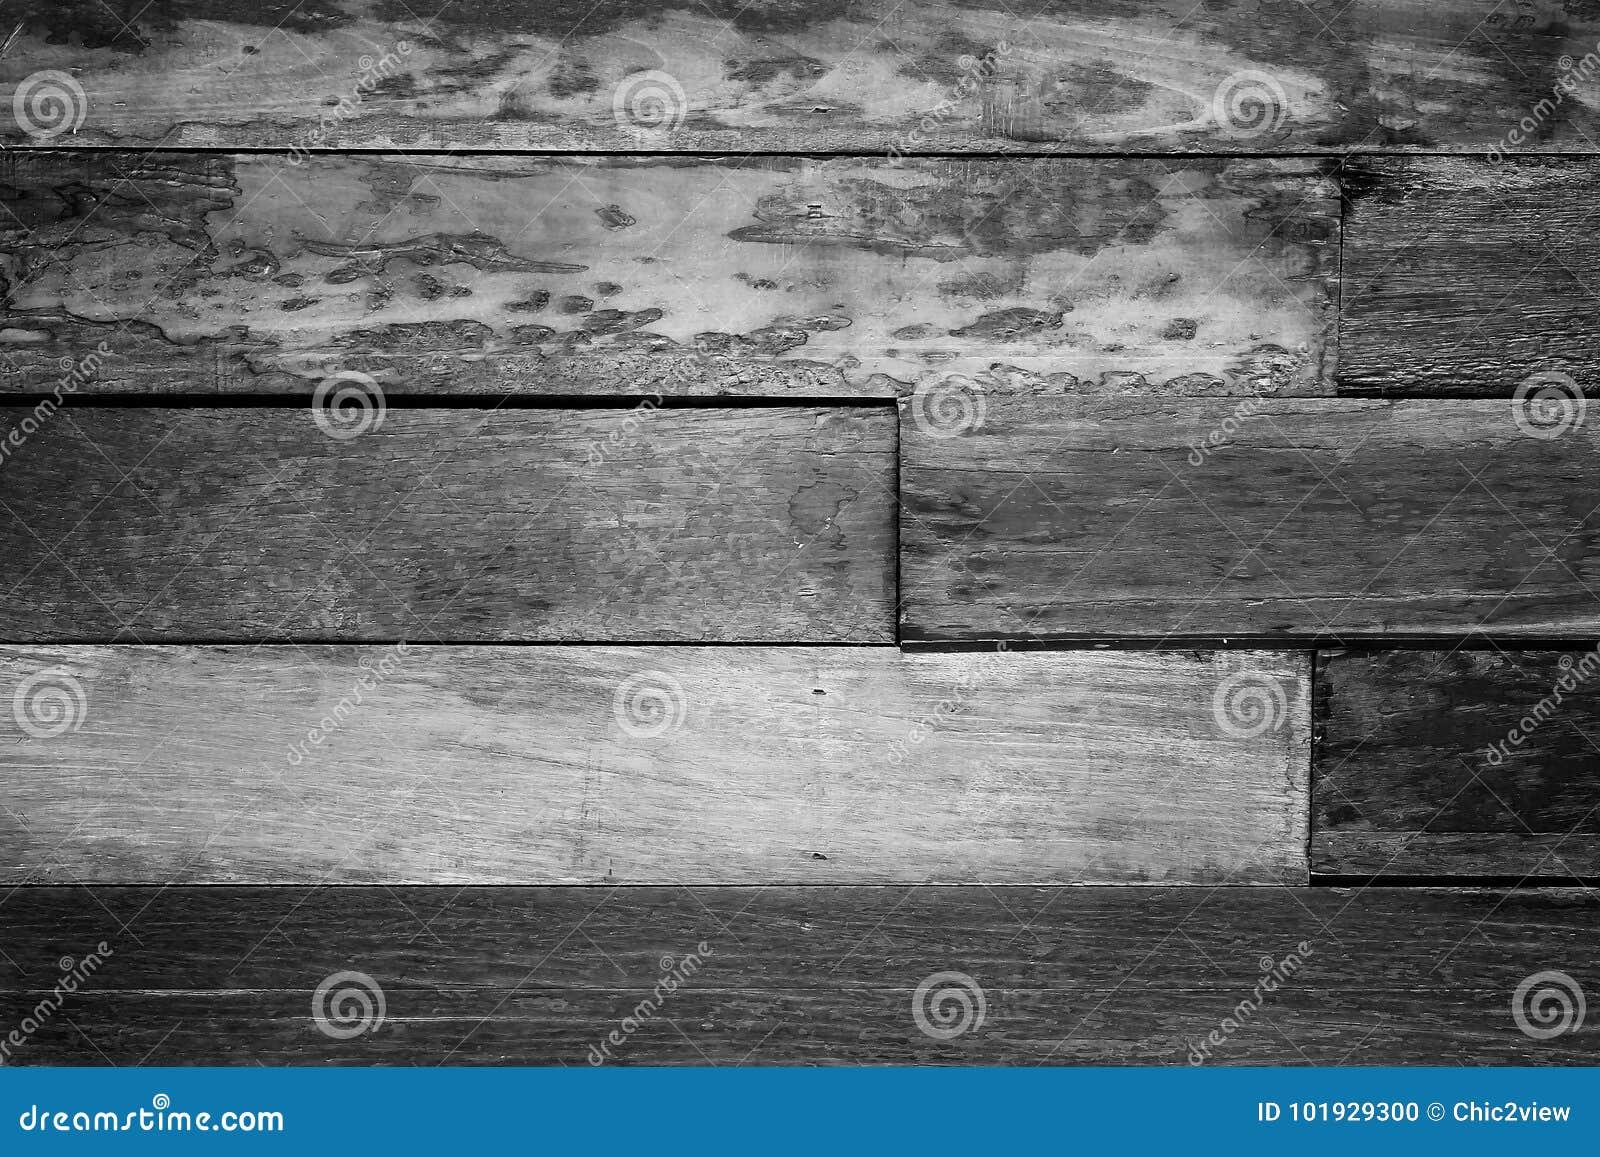 Bureau vintage en bois massif blanc style shabby chic table pour